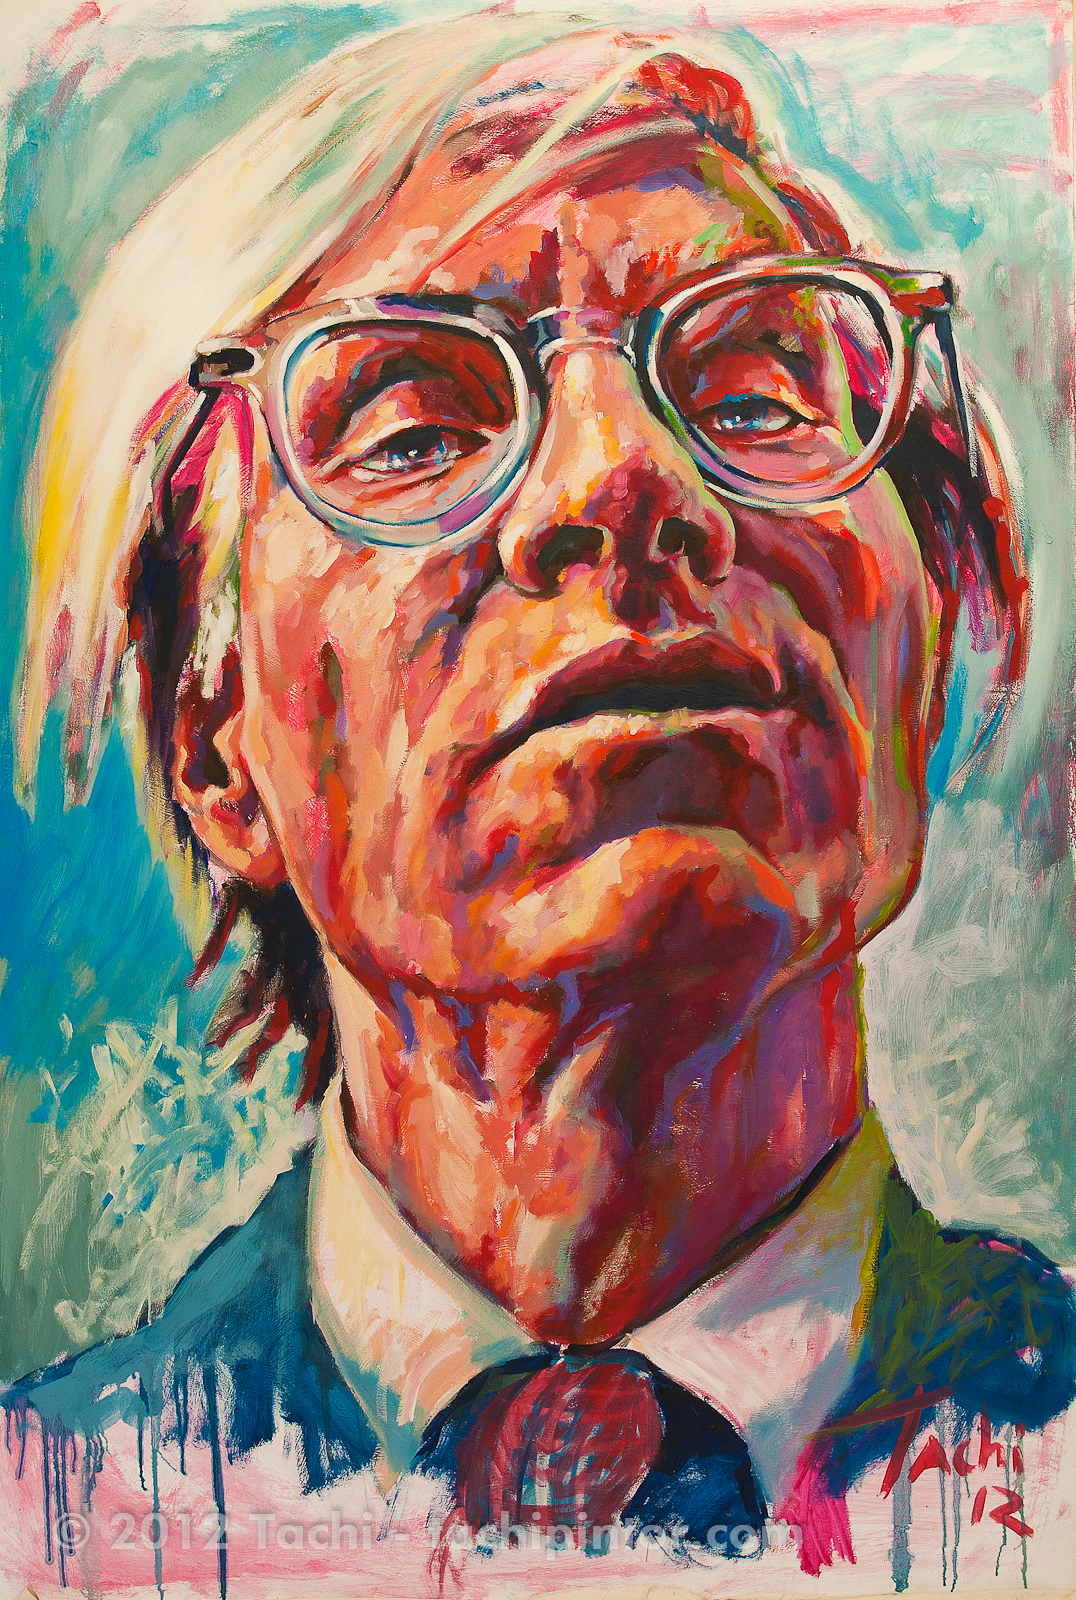 Andy Warhol by Tachi - © www.tachipintor.com